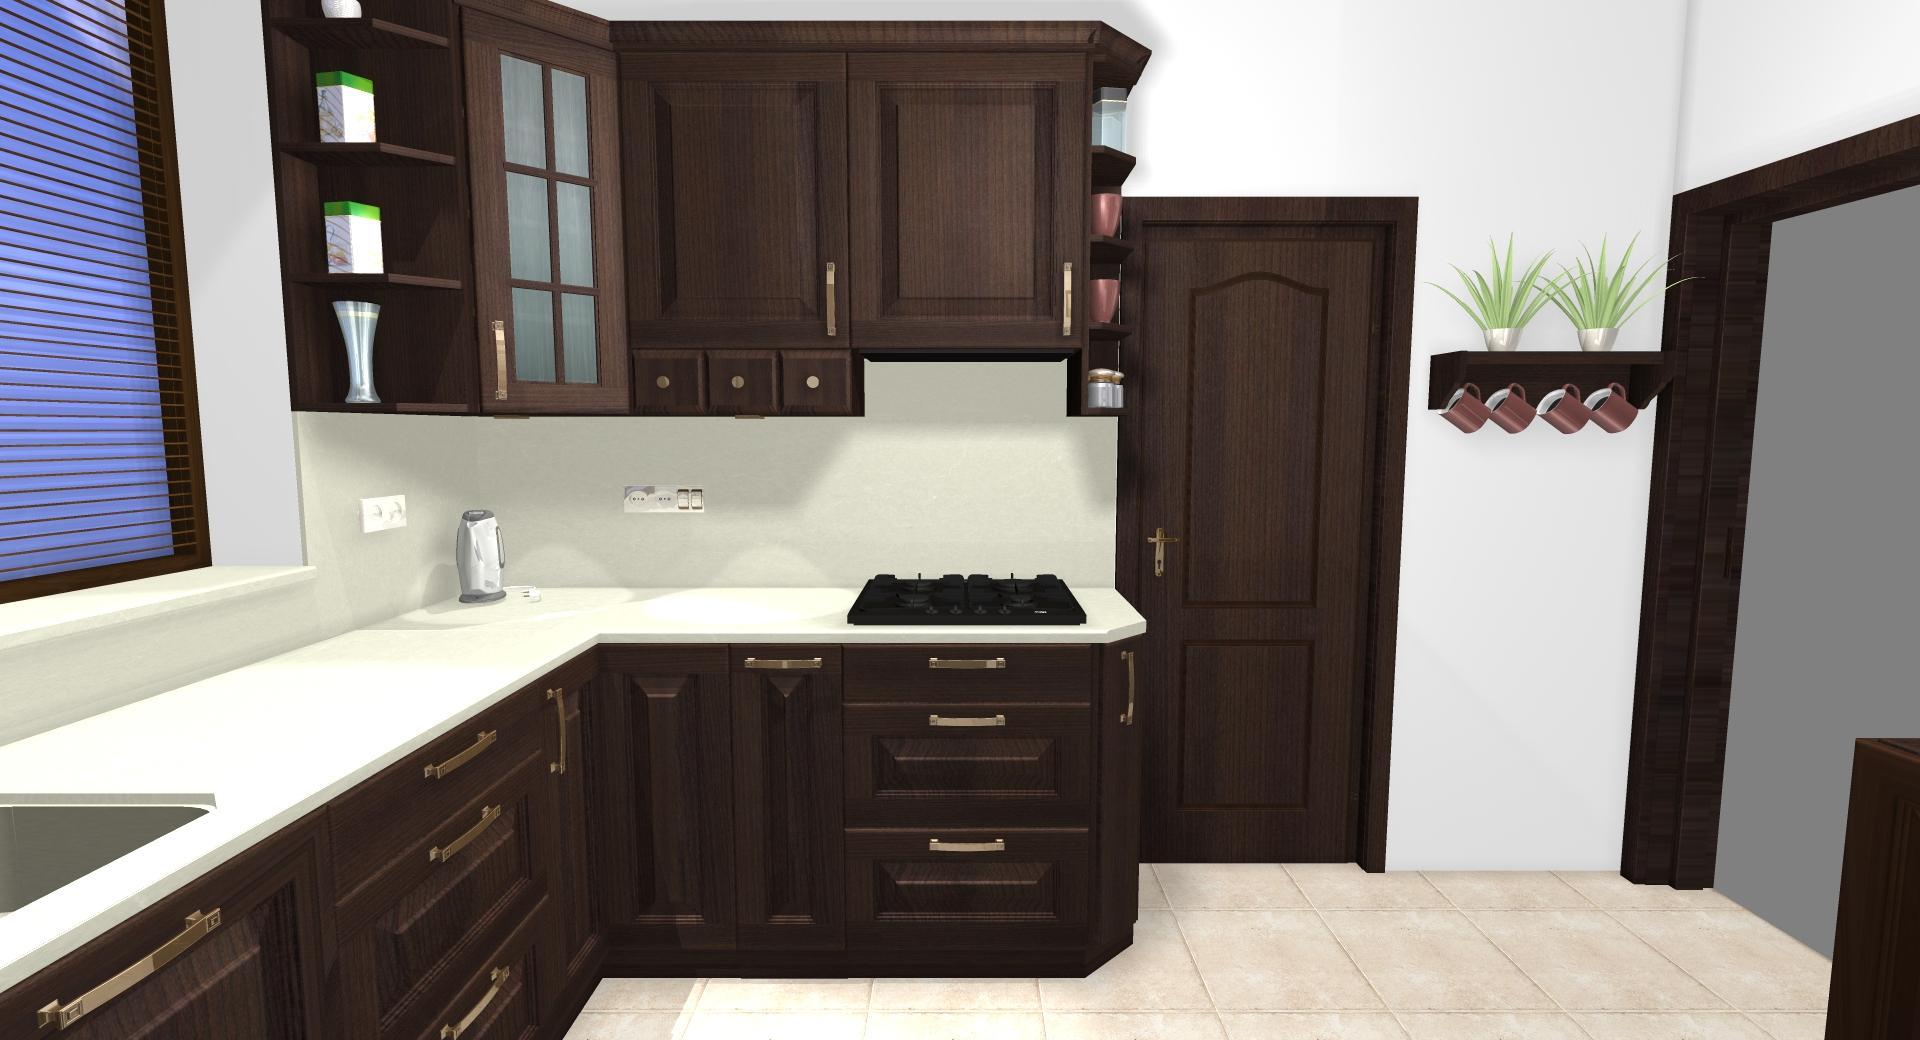 Grafické návrhy kuchynských liniek 2020 - Grafický návrh kuchynskej linky do rodinného domu v rustikálnom štýle - obr.4